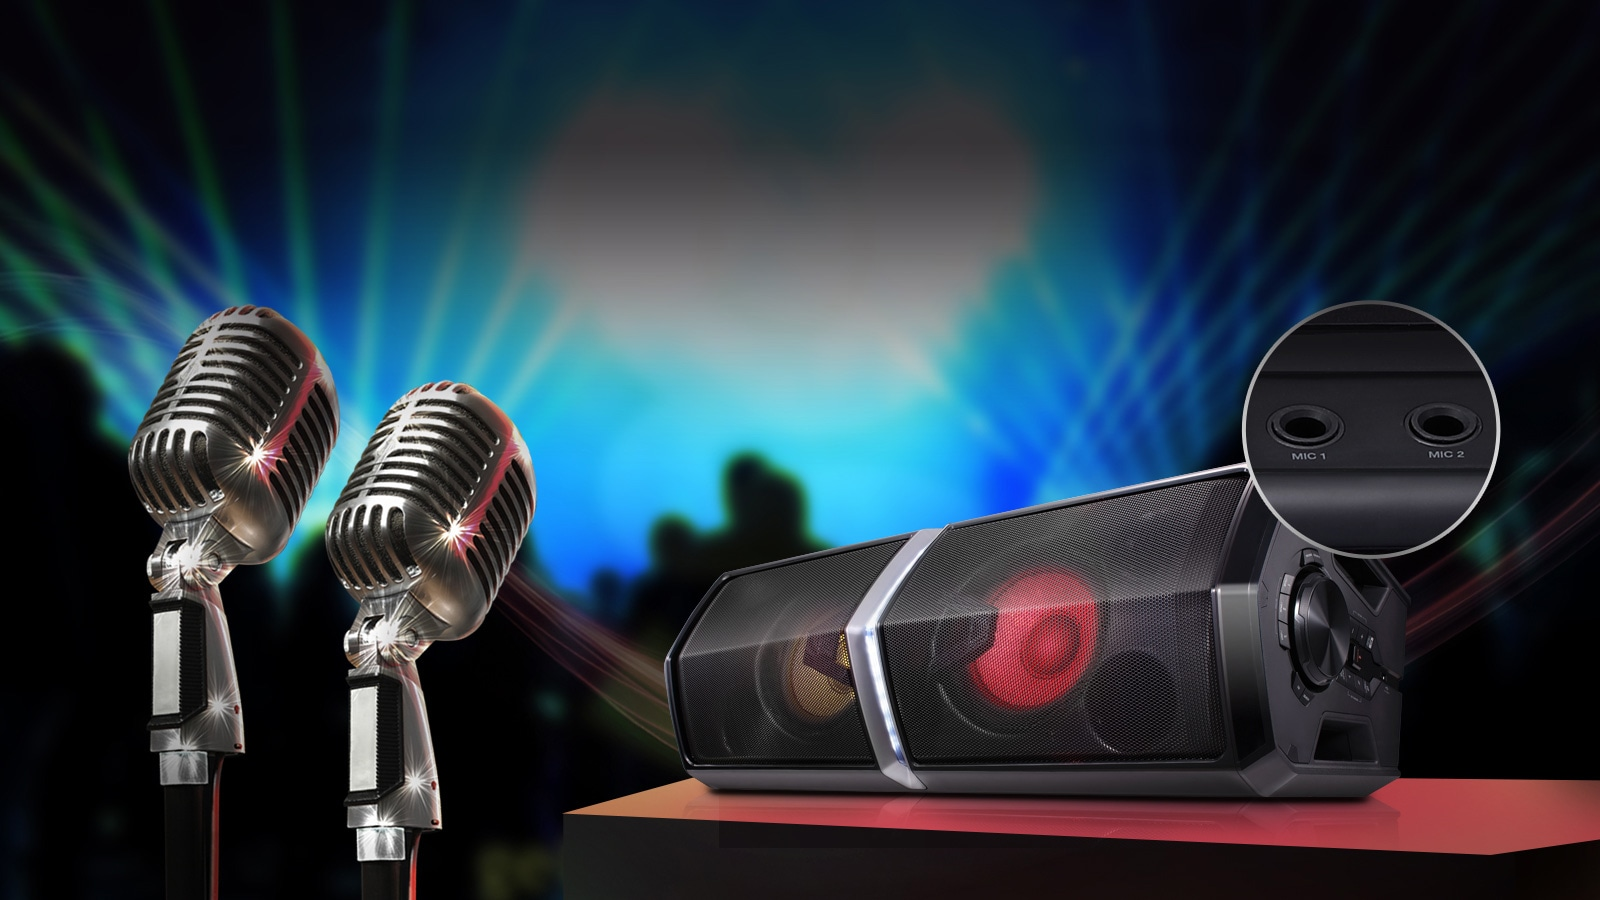 M01_Karaoke-star_FH6_D_01